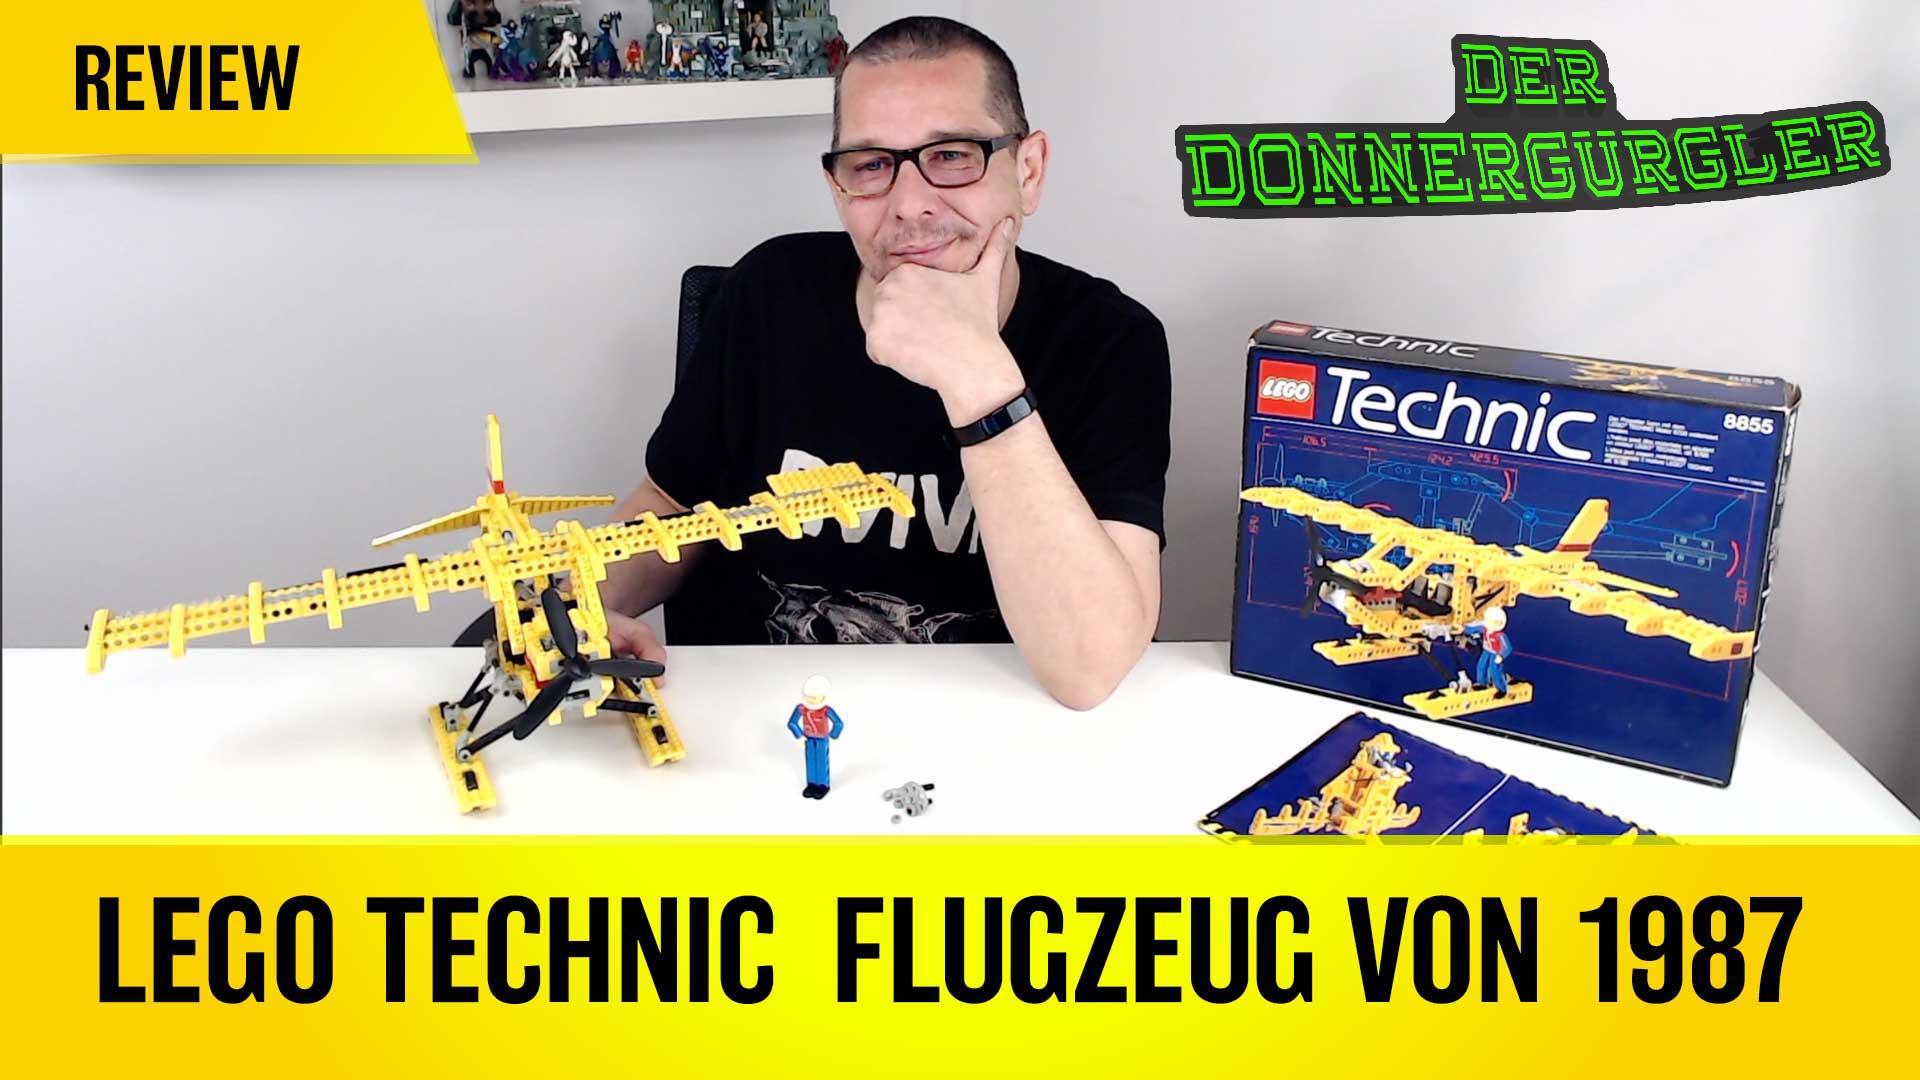 Kindheitserinnerungen mit dem gelben Lego Technic Flugzeug (Prop Plane 8855) von 1988